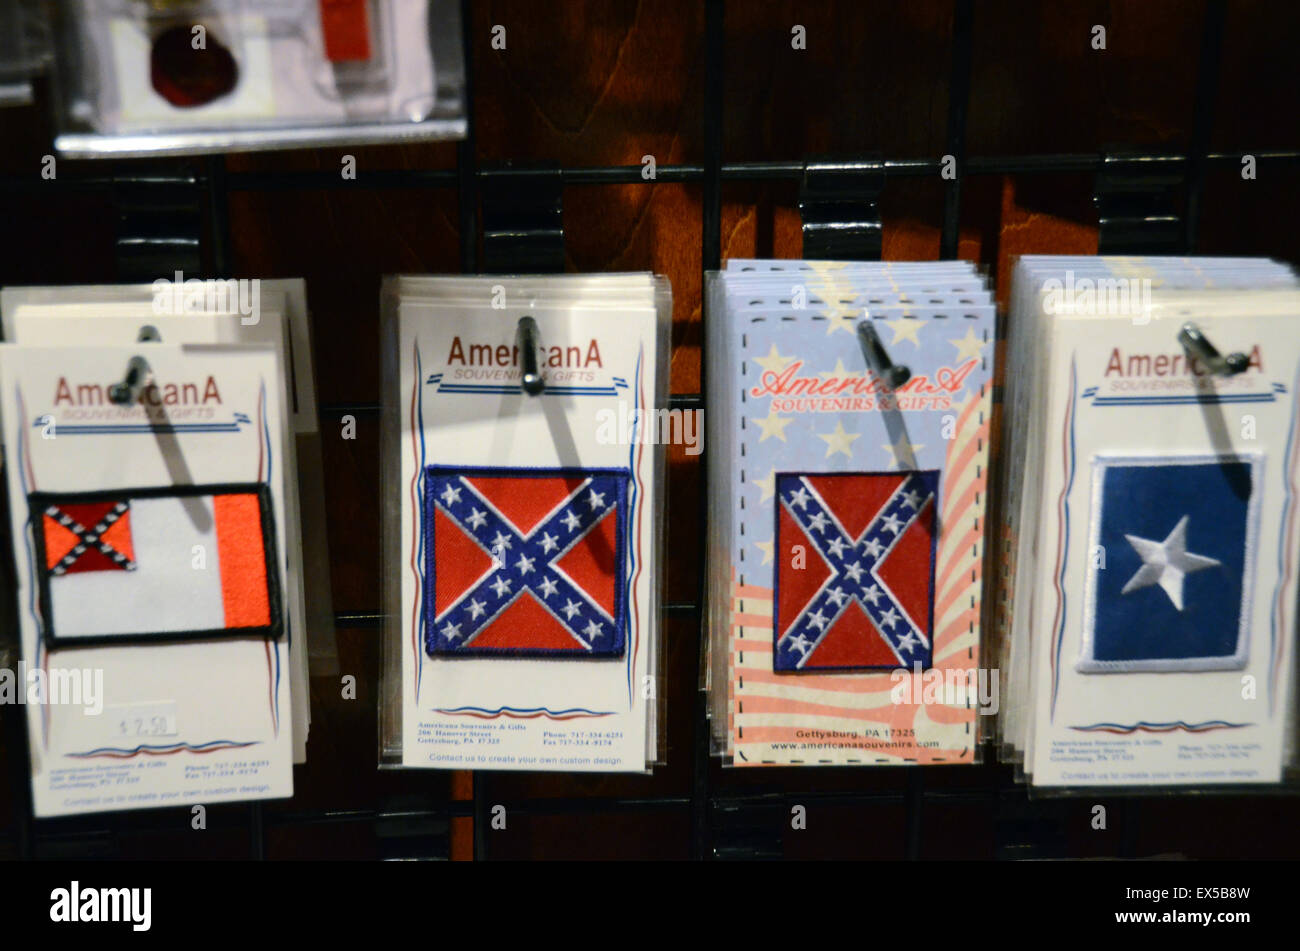 Confederate flag symbols civil war museum new orleans louisiana confederate flag symbols civil war museum new orleans louisiana buycottarizona Images